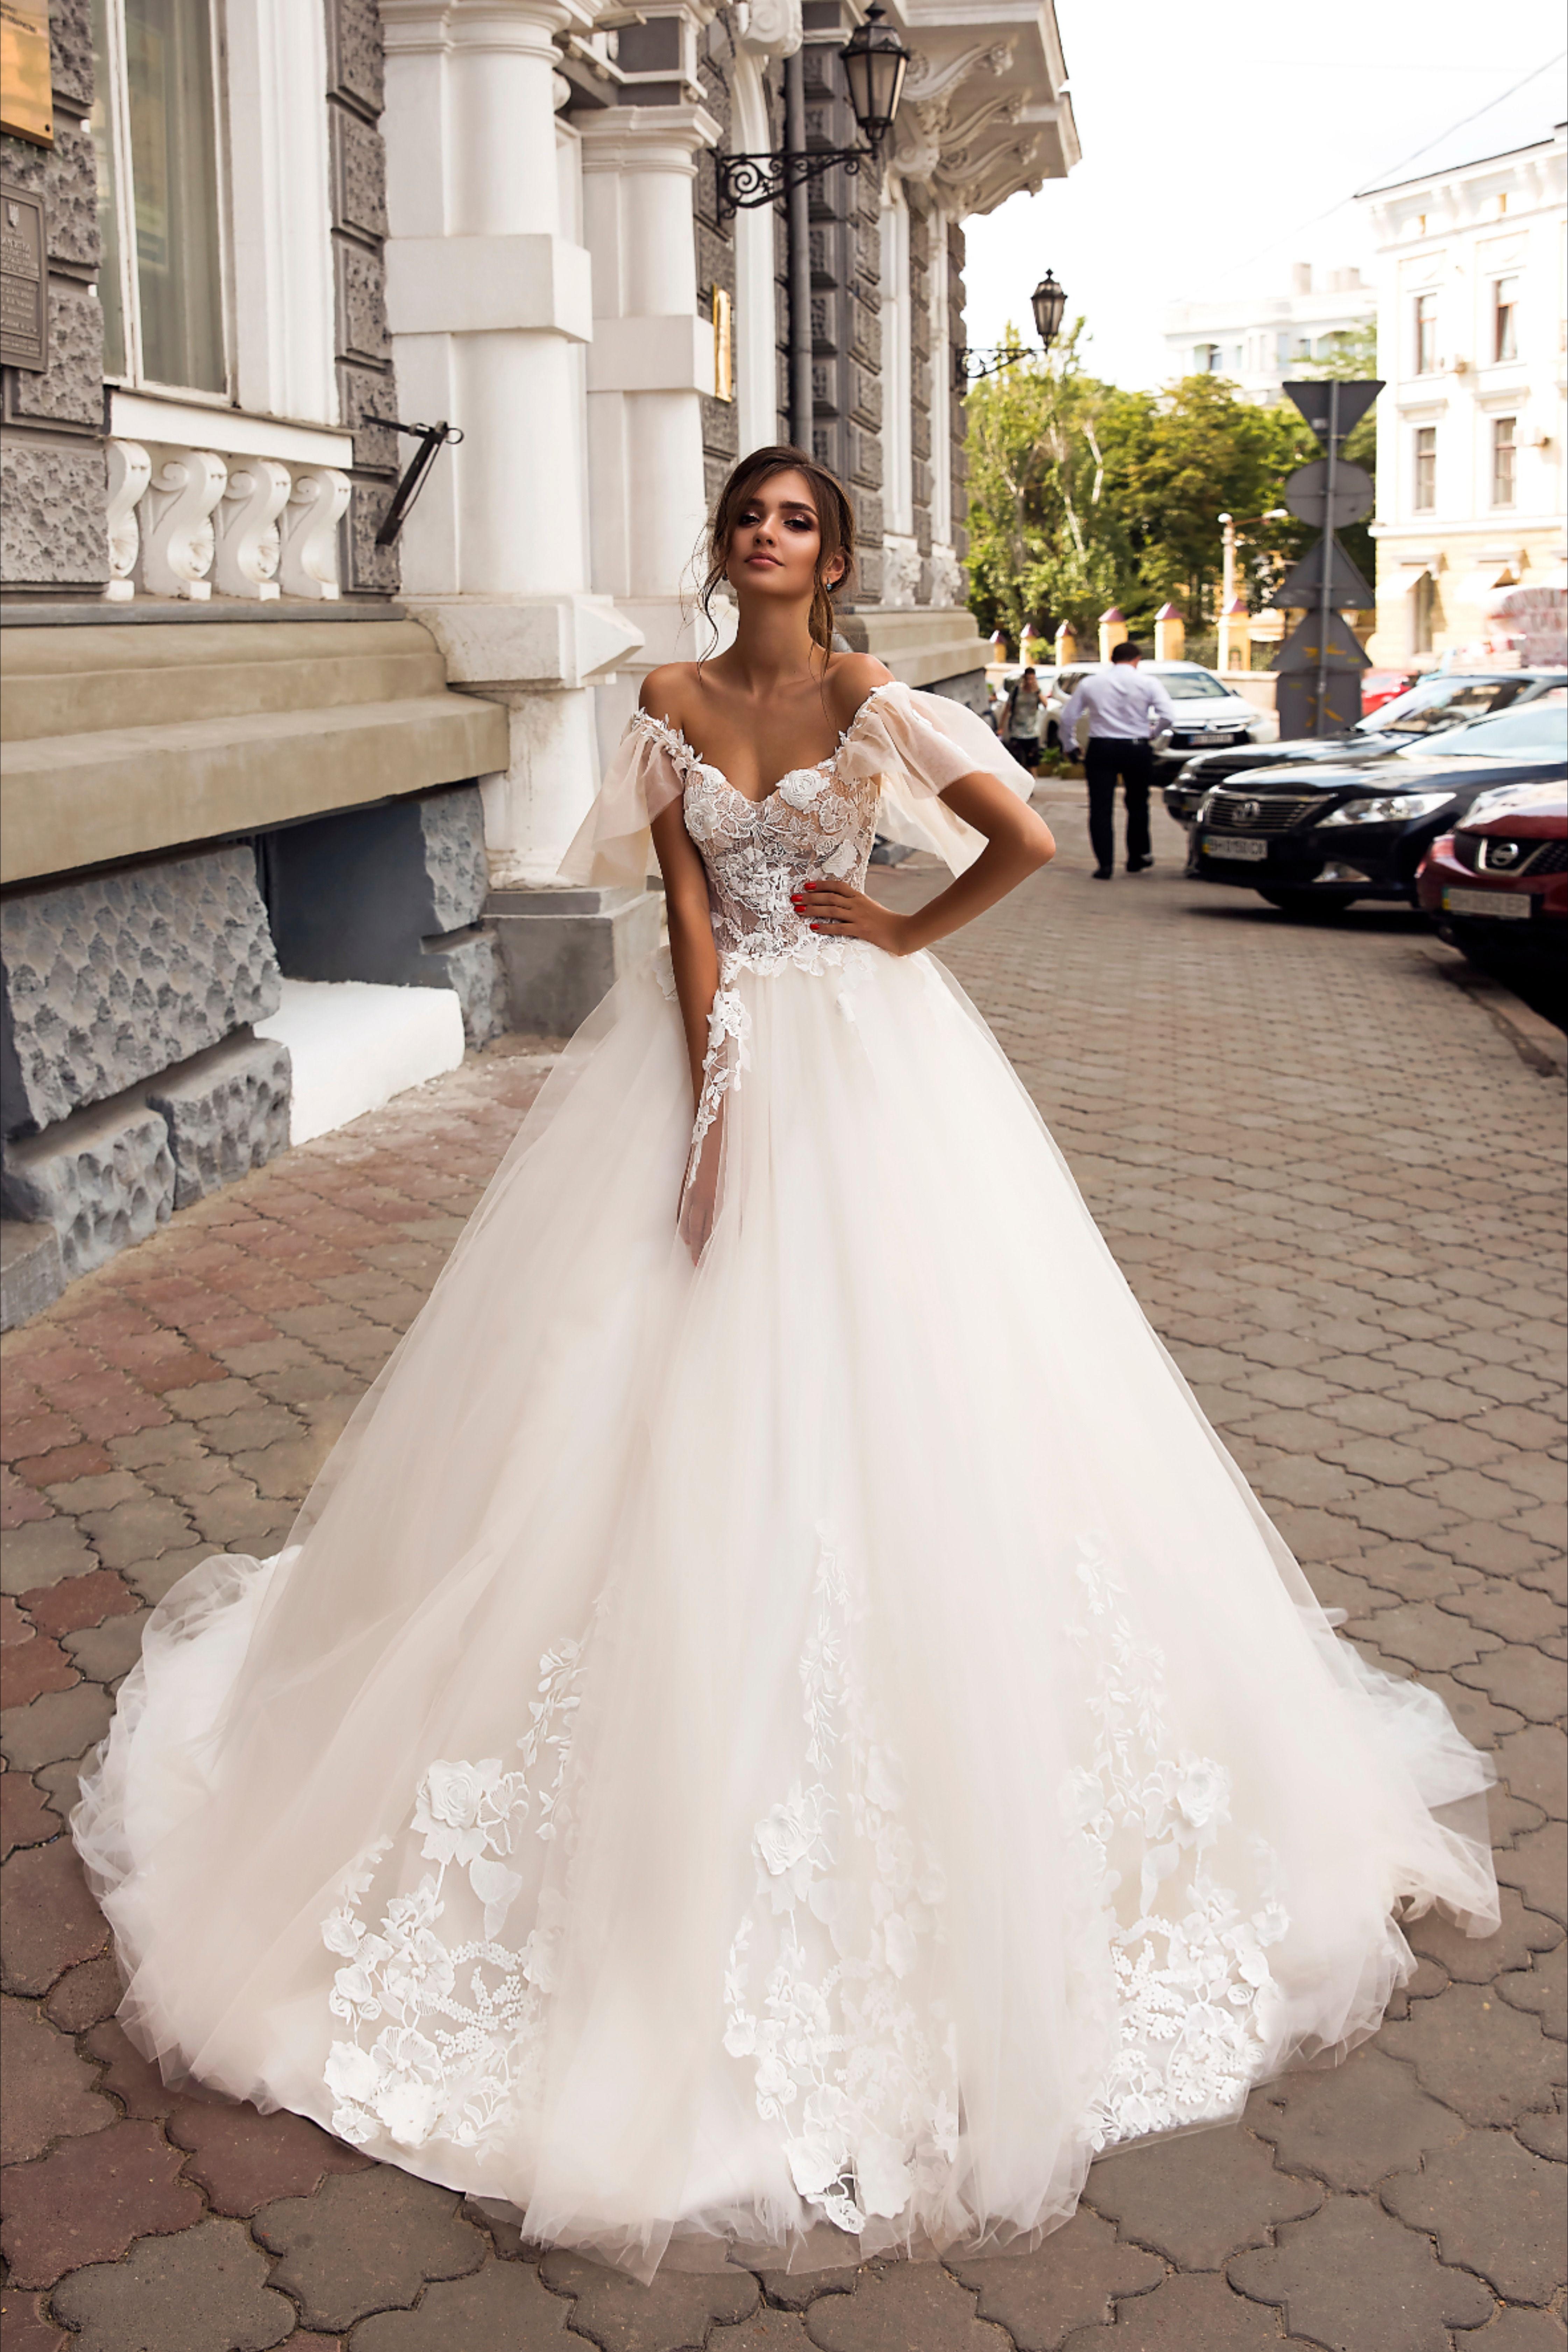 Hochzeitskleider Princess in 2020 | Braut, Kleider